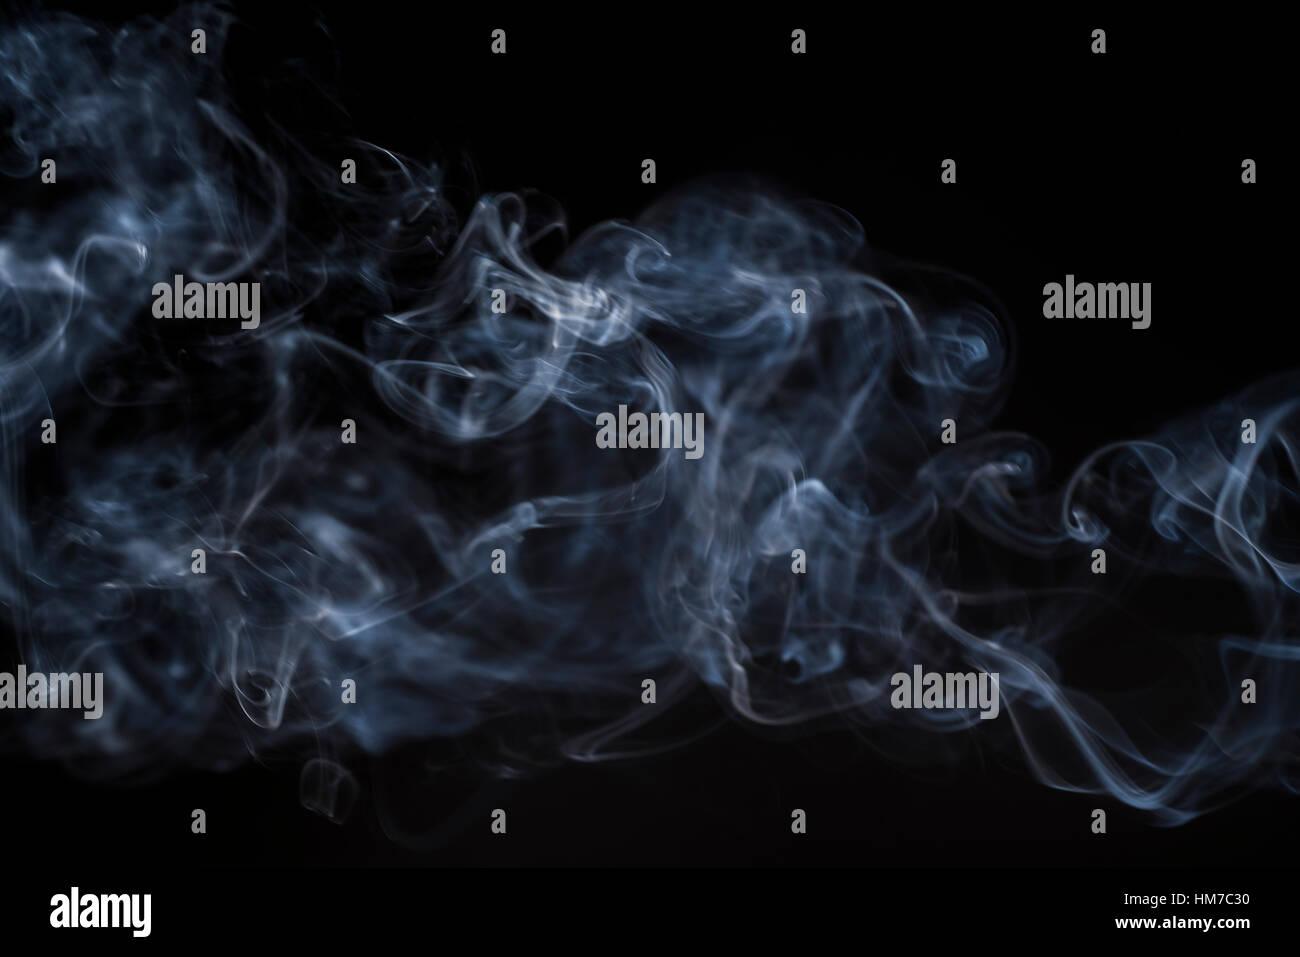 Smoke on black background - Stock Image